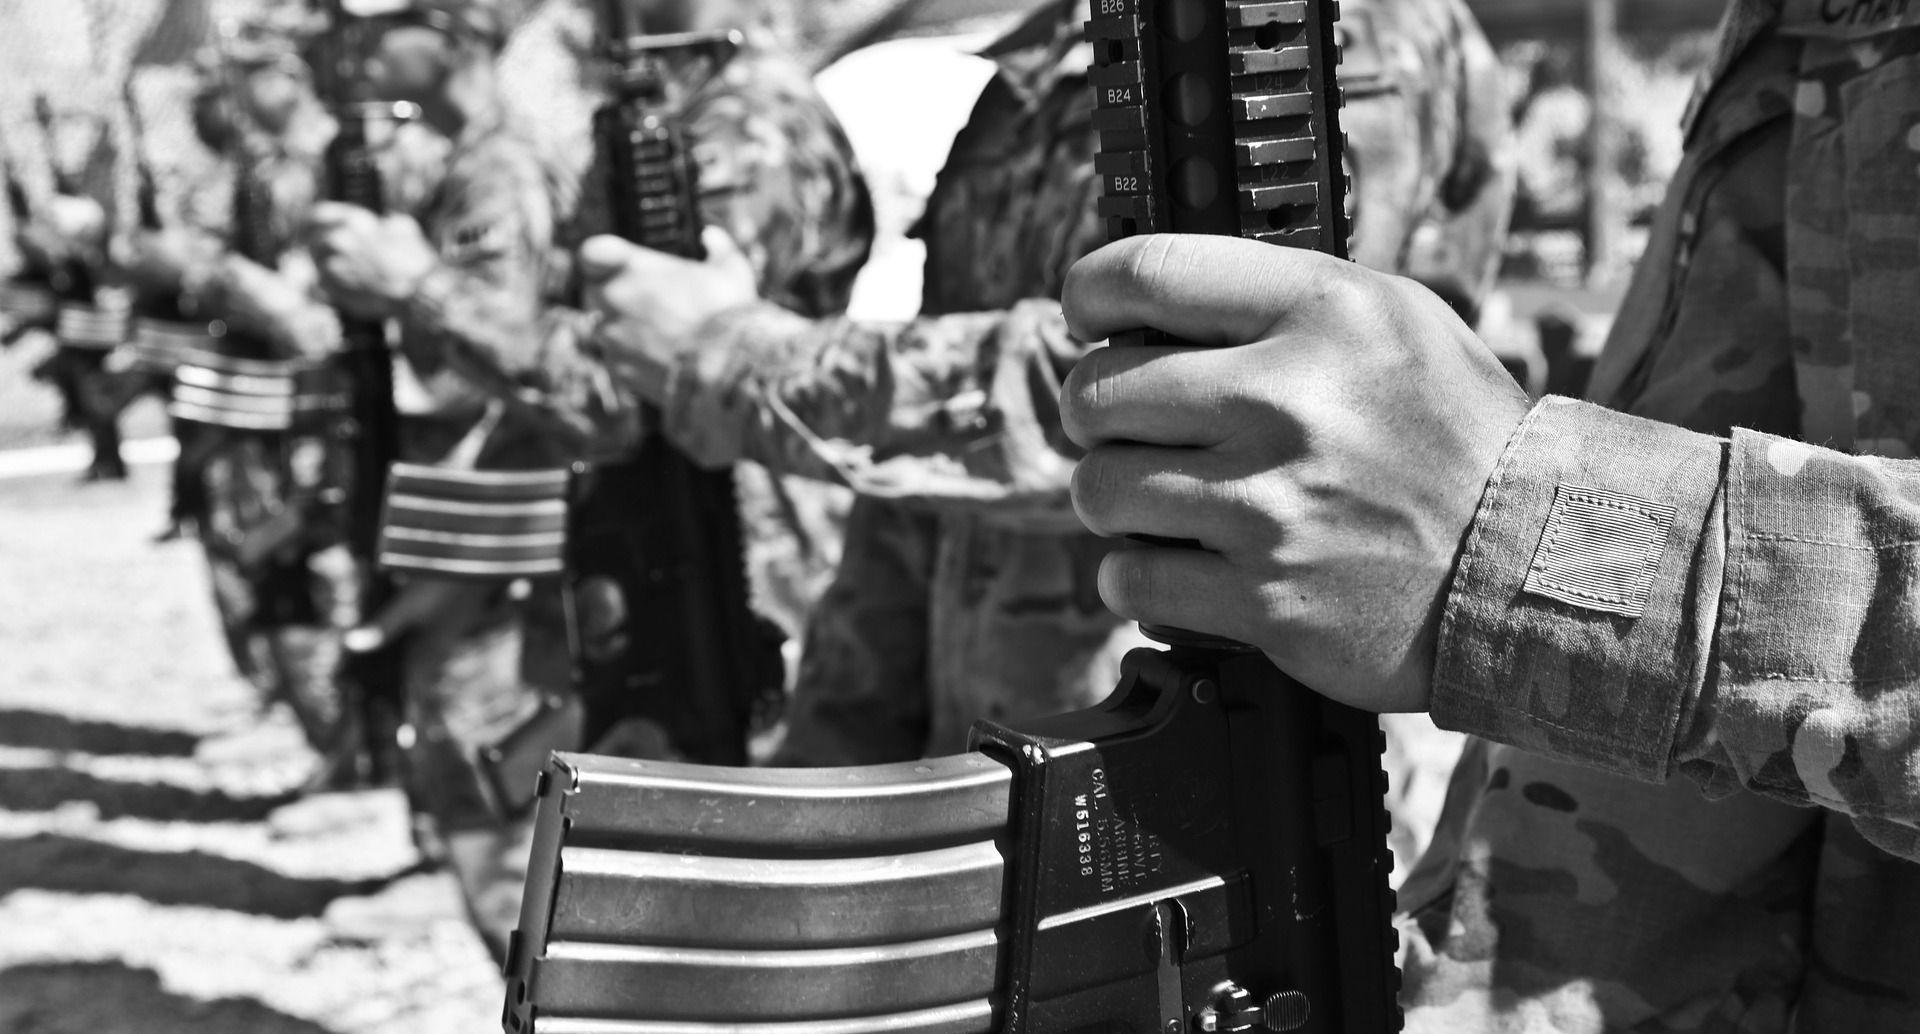 Vijeće sigurnosti UN-a ukinulo embargo na uvoz oružja Liberiji